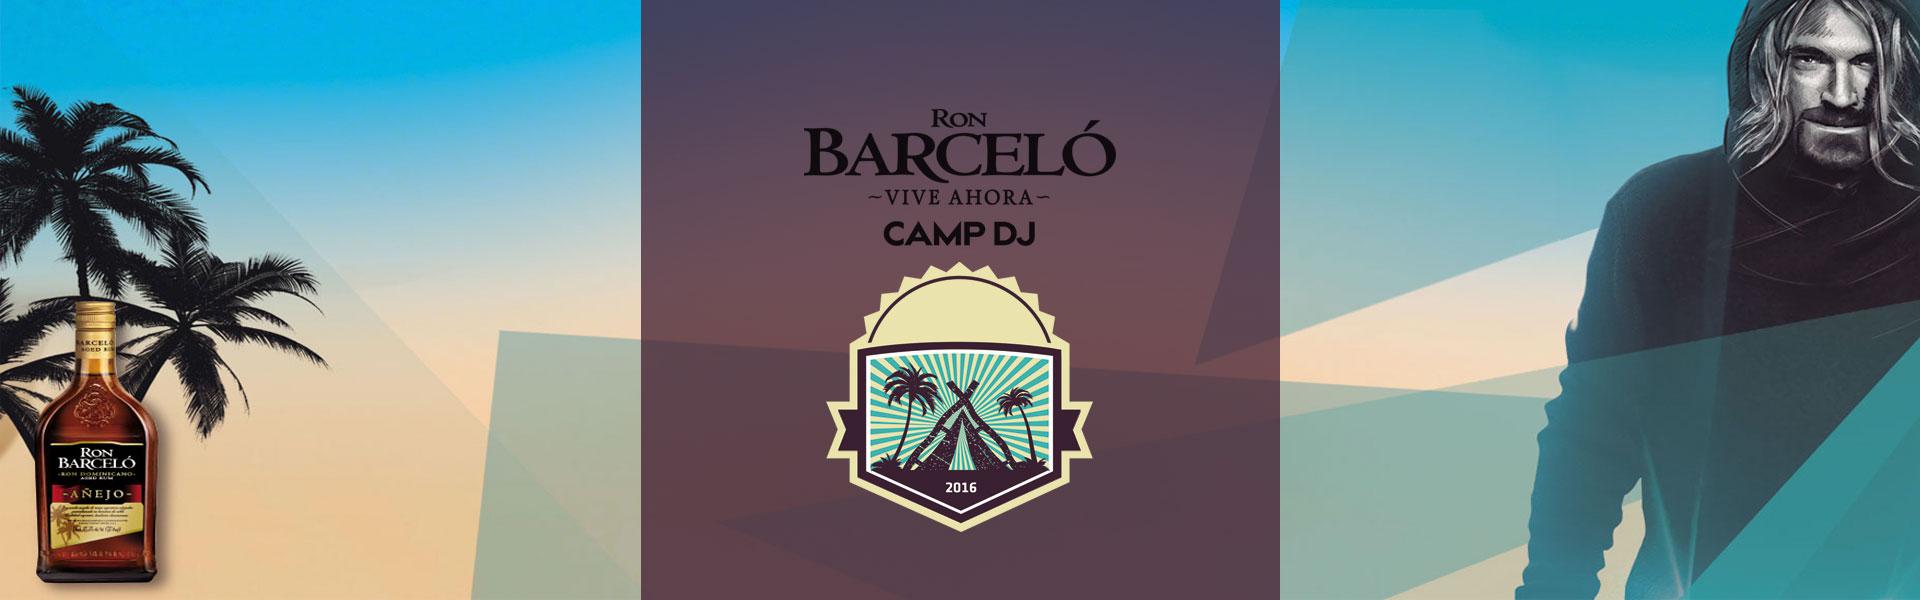 Ron Barceló Camp DJ